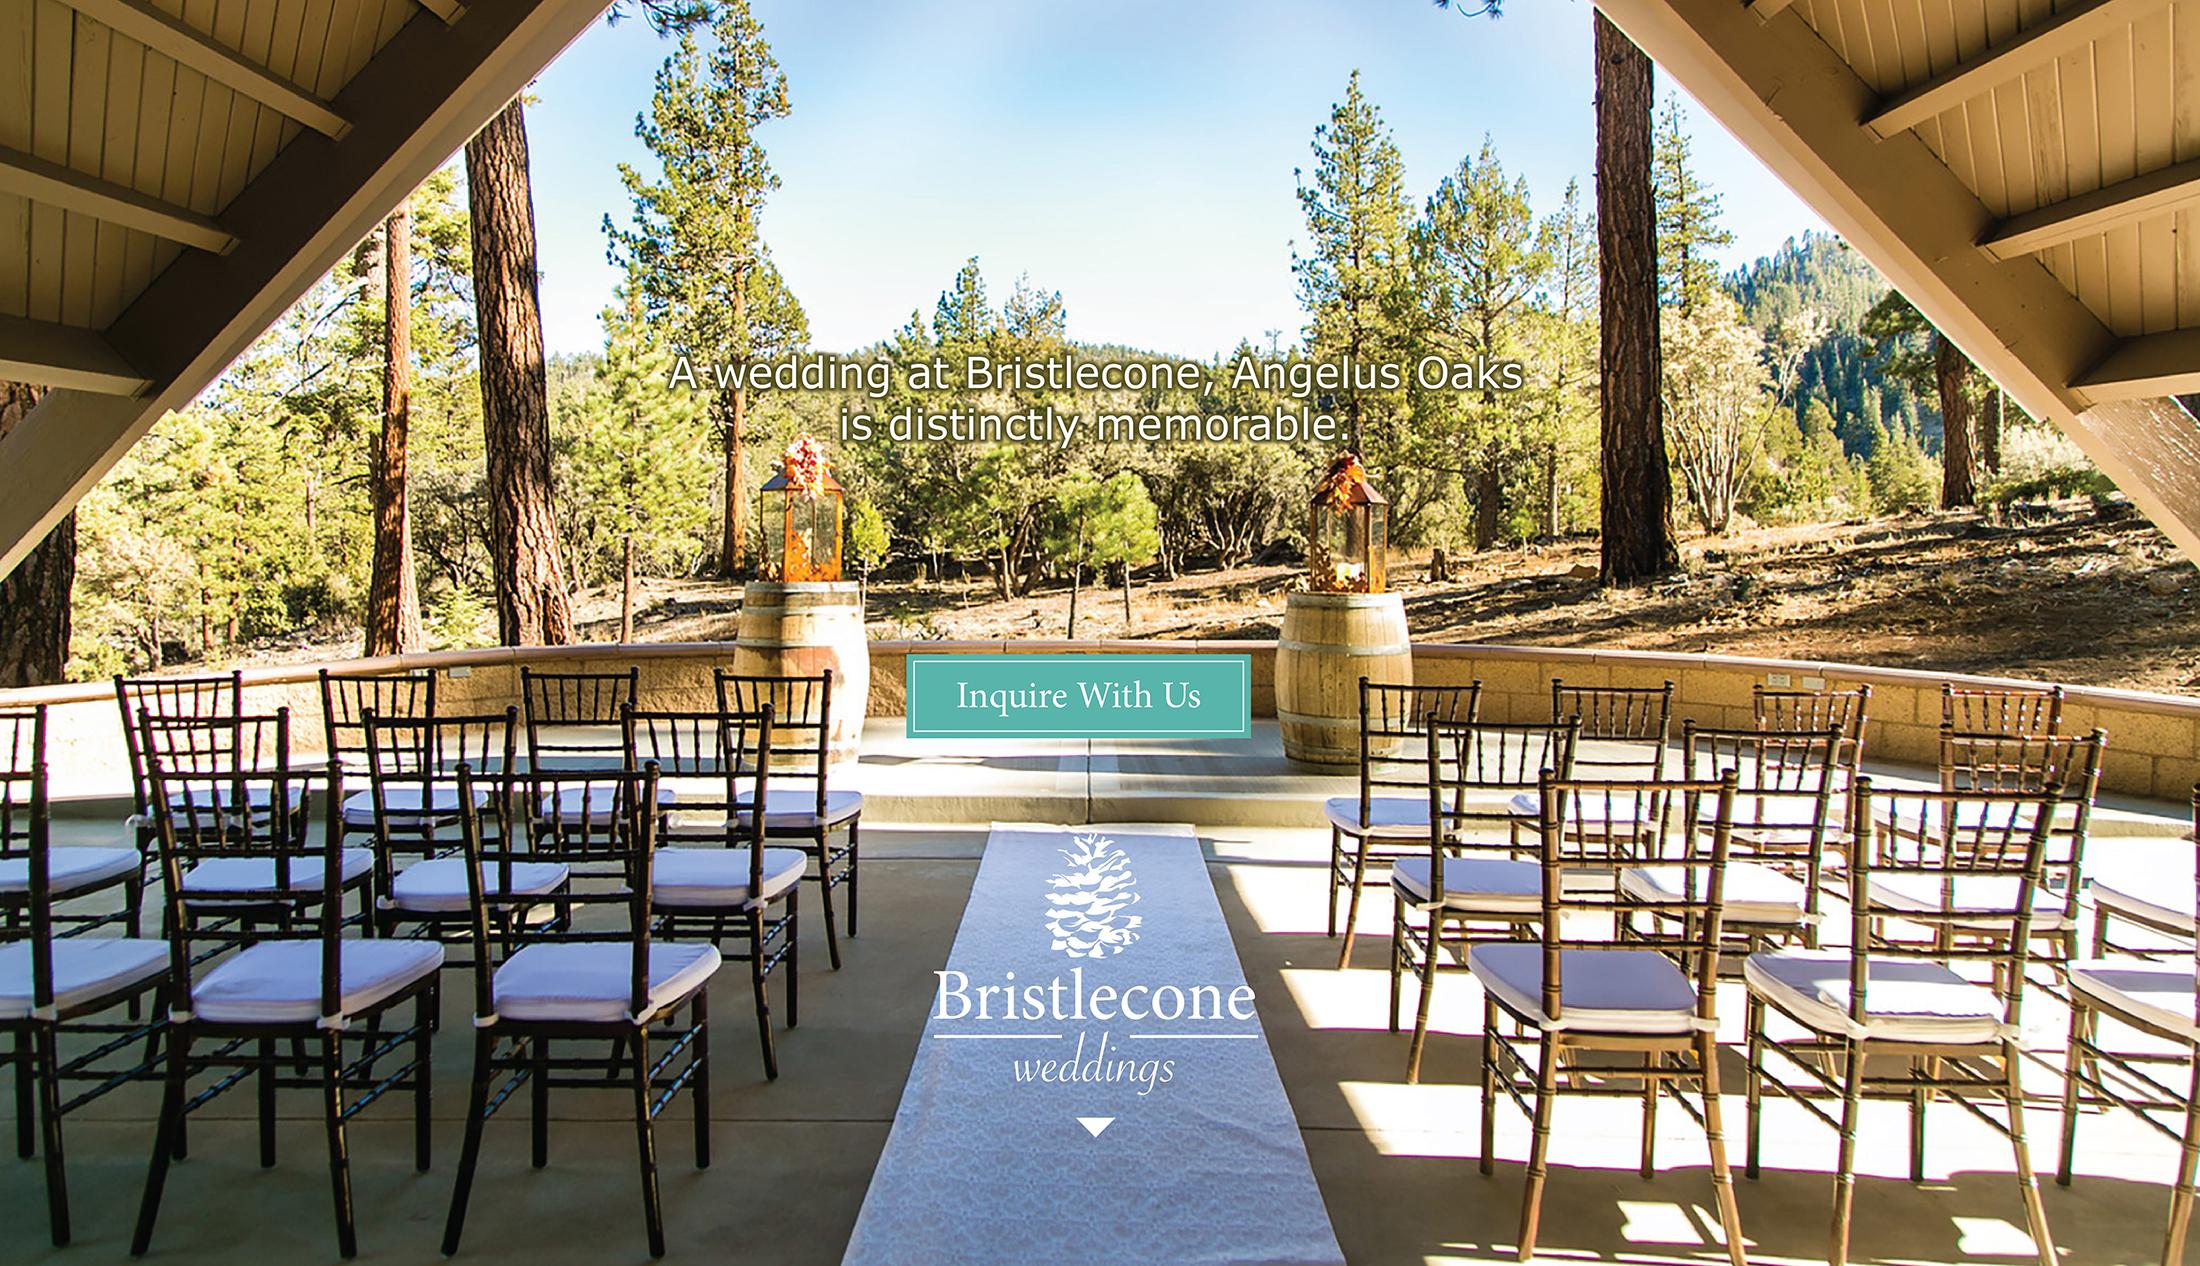 Weddings At Bristle Cone